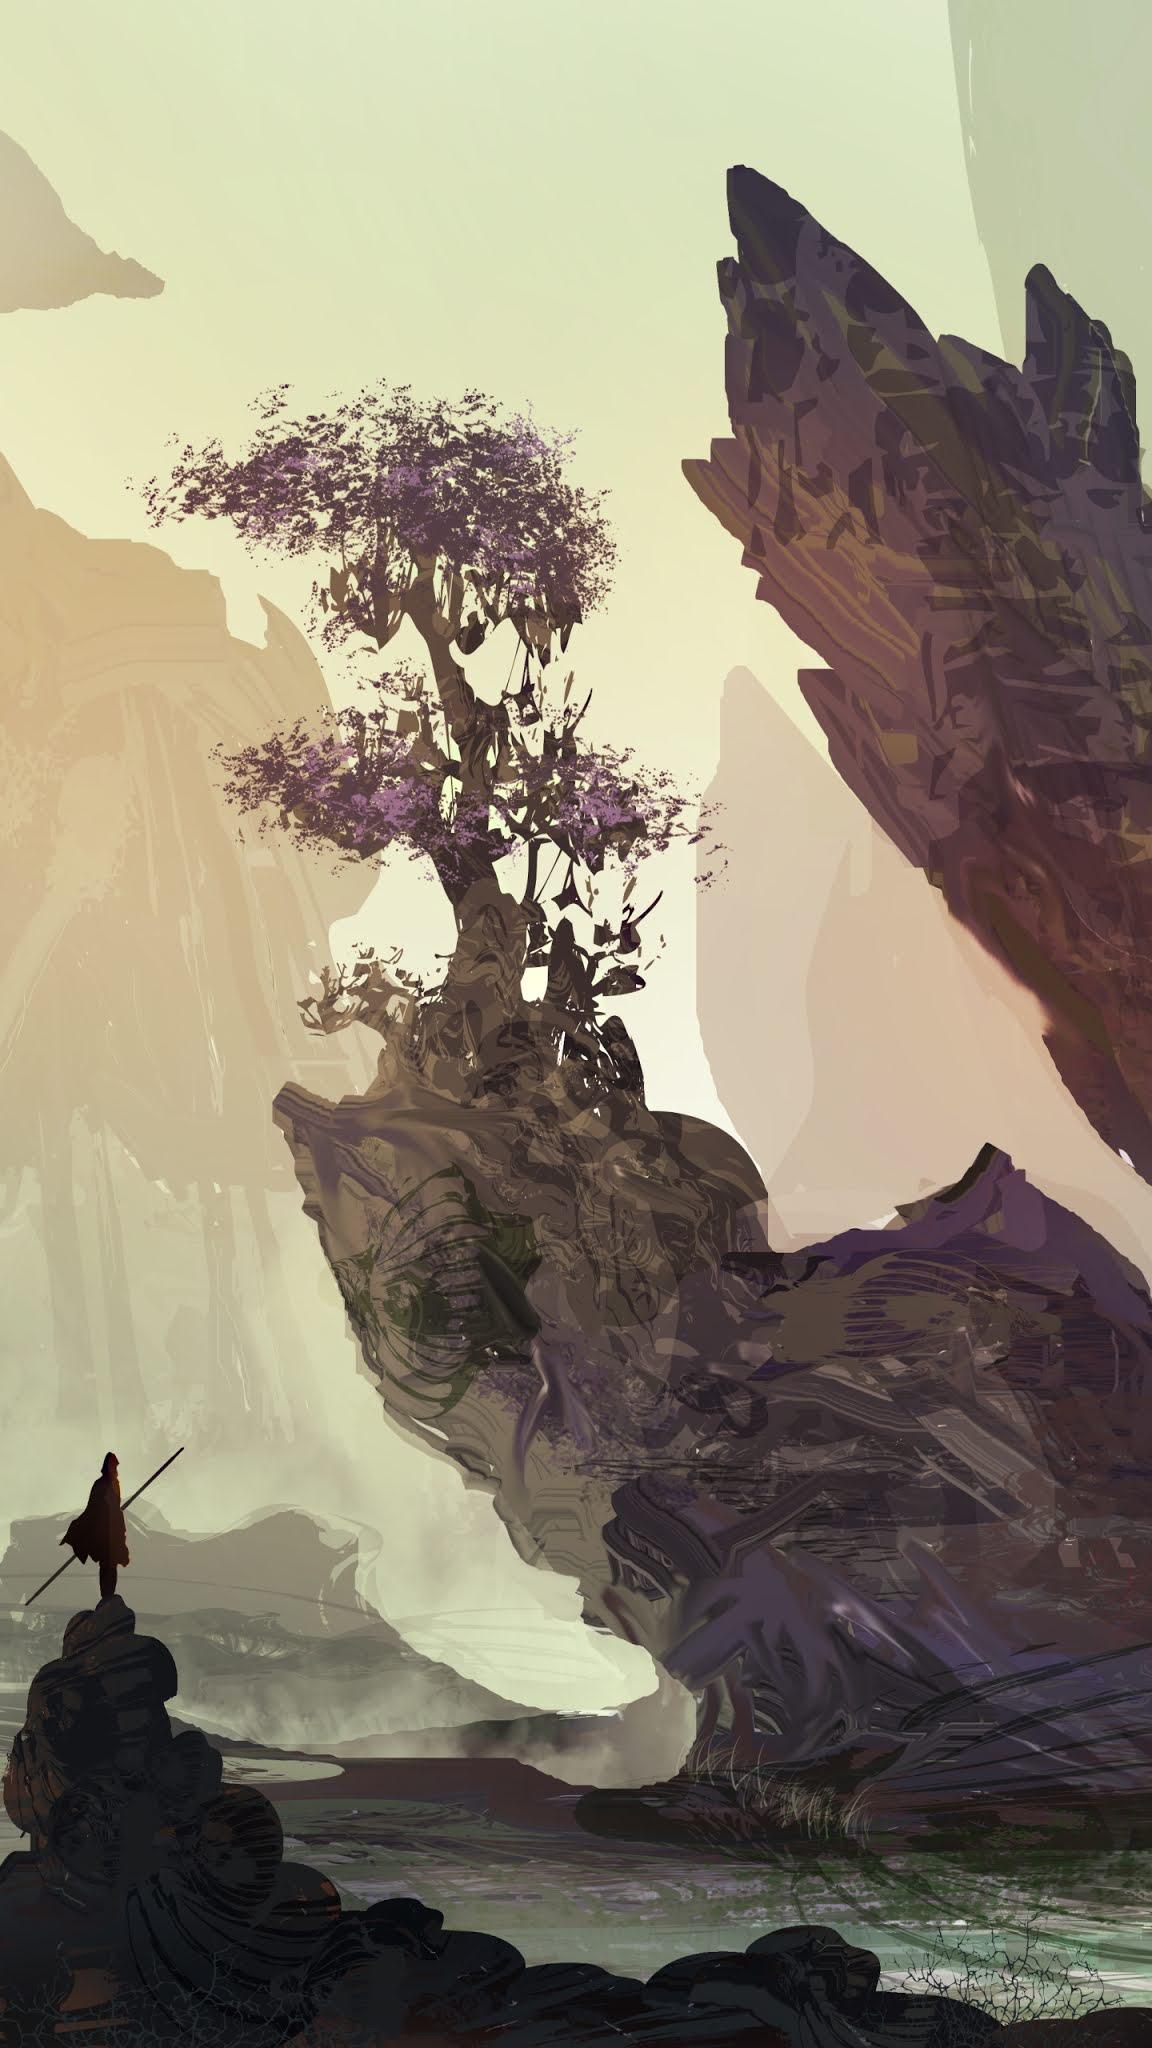 Warrior landscape mobile wallpaper